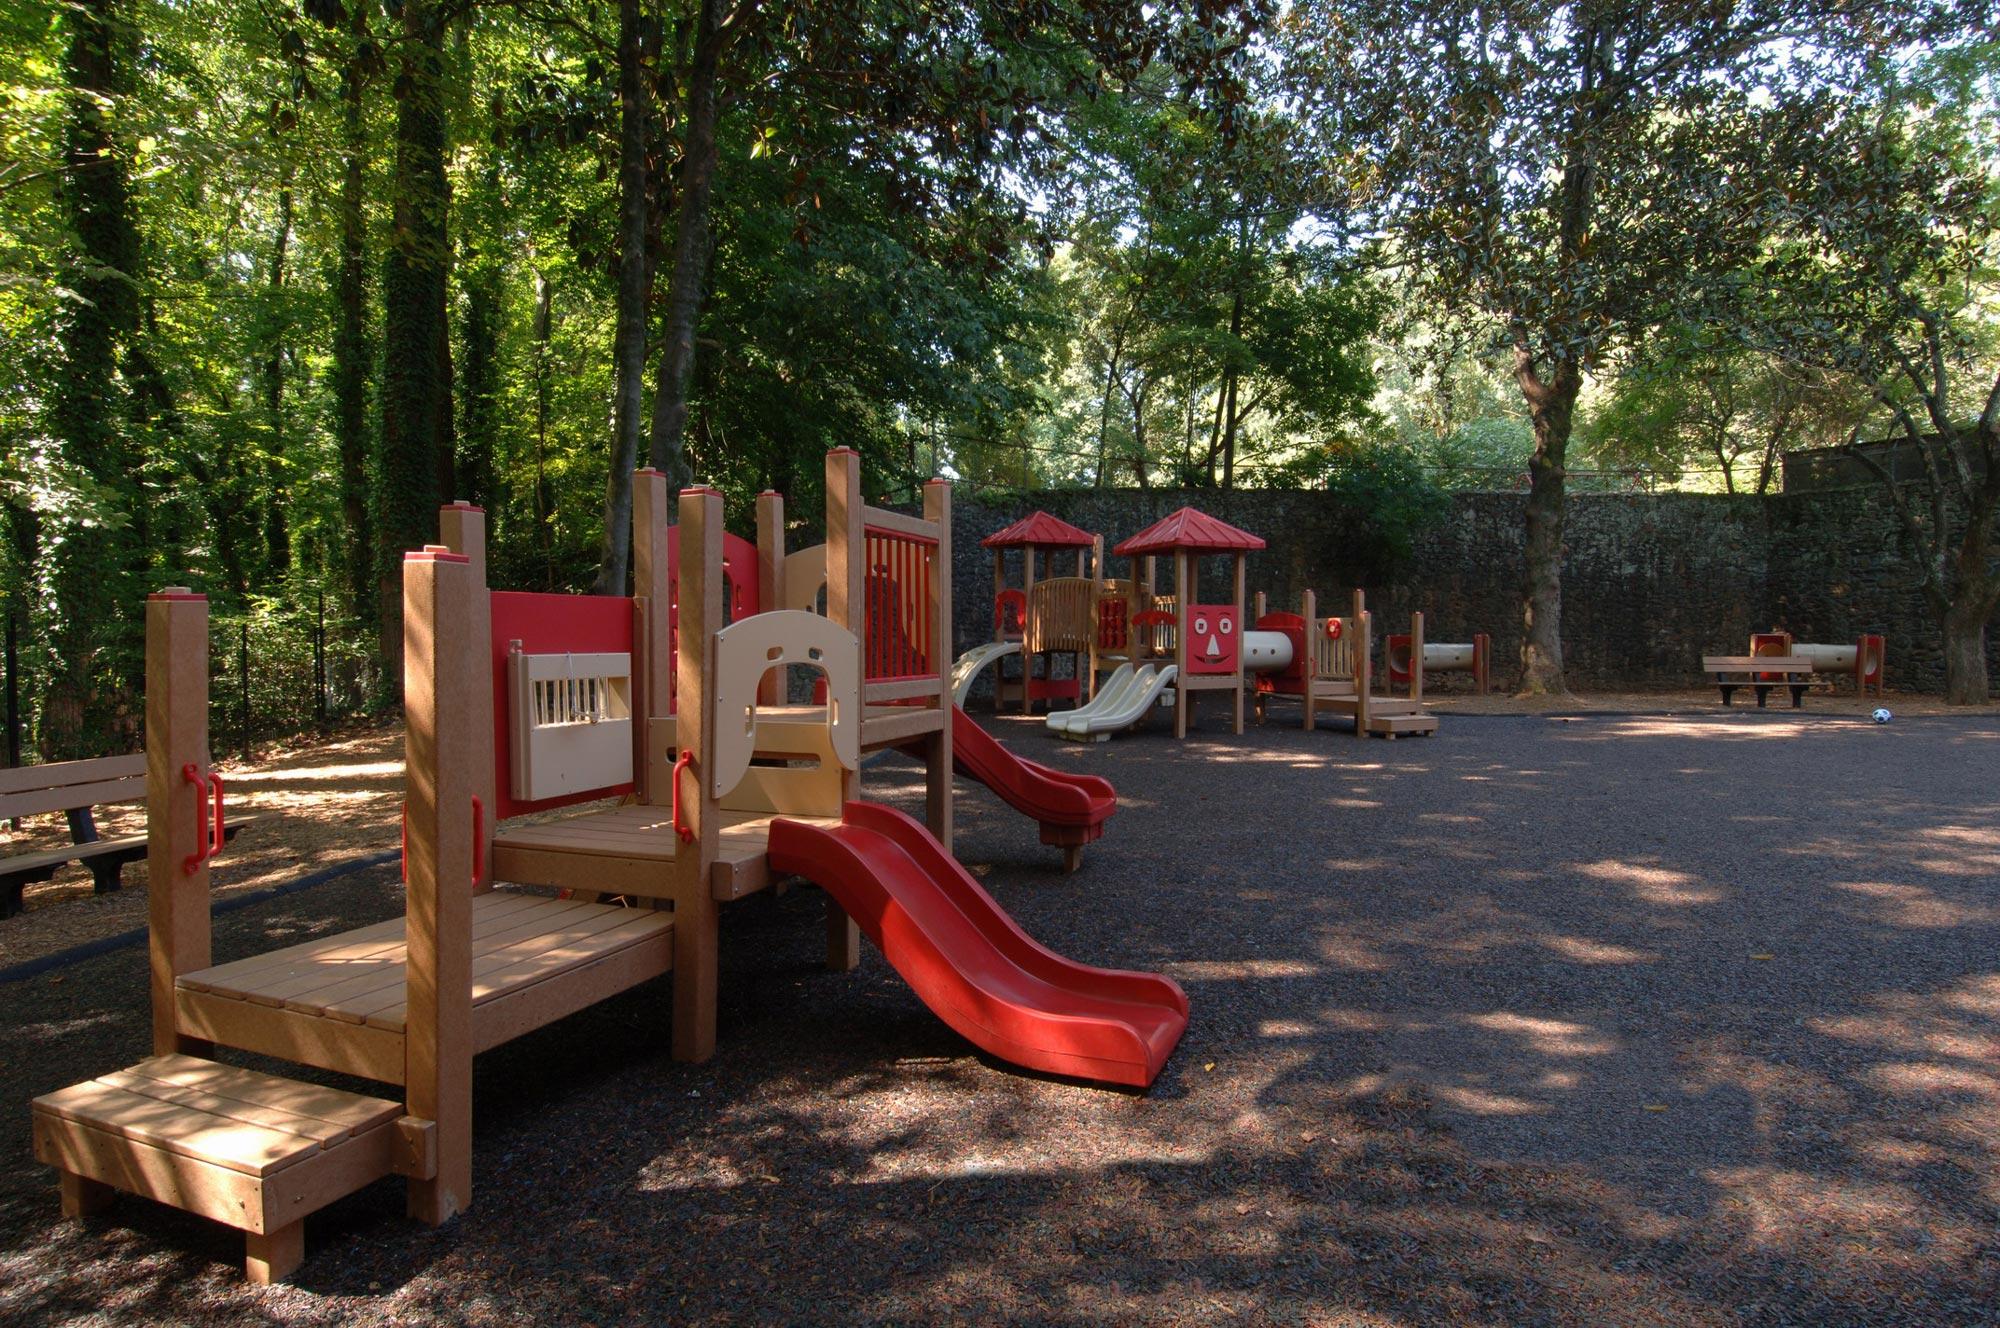 SuzukiSchool_Playground.JPG